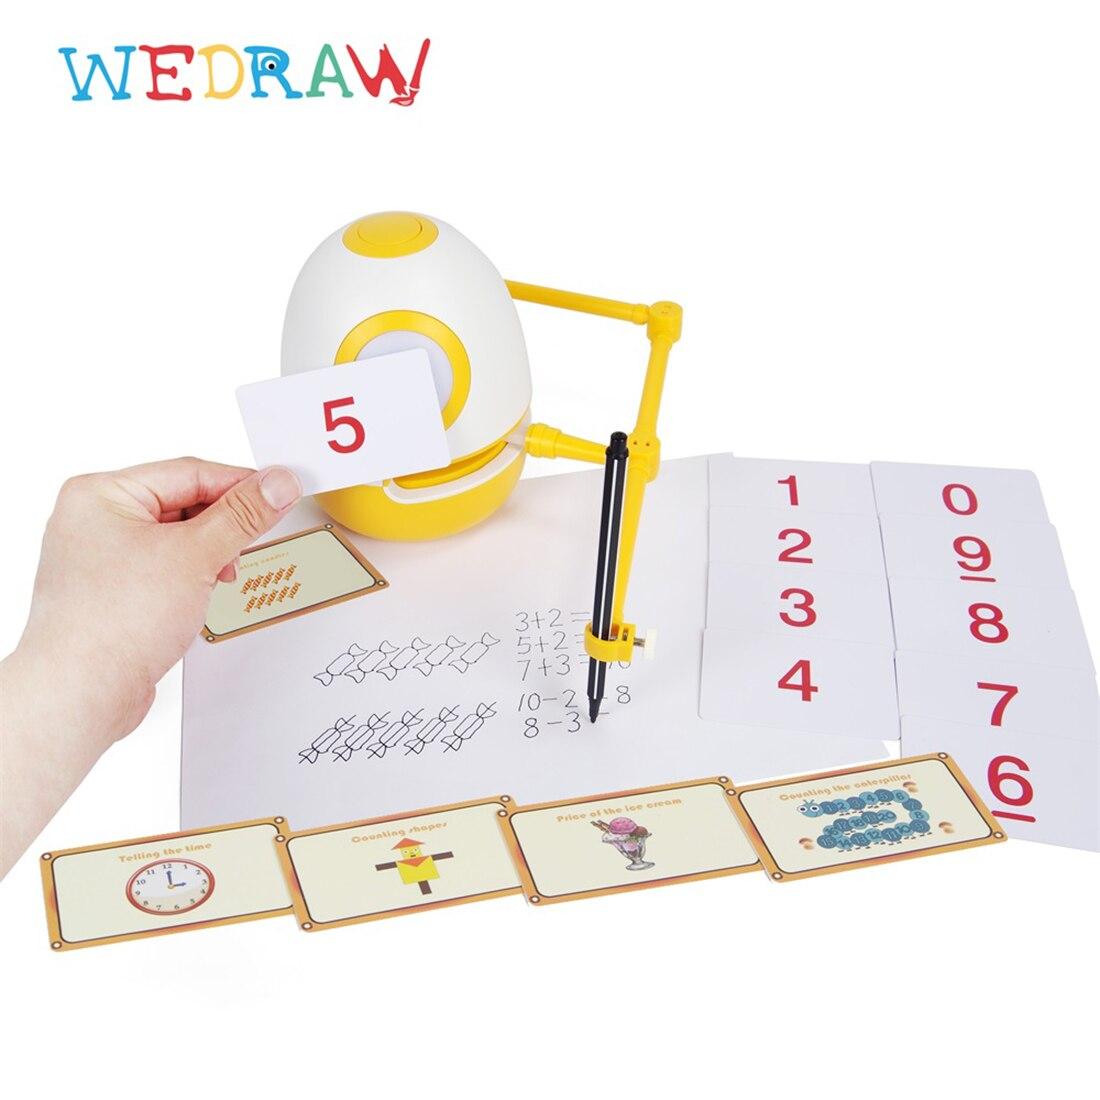 Wedraw eggy crianças desenho robô gênio kit